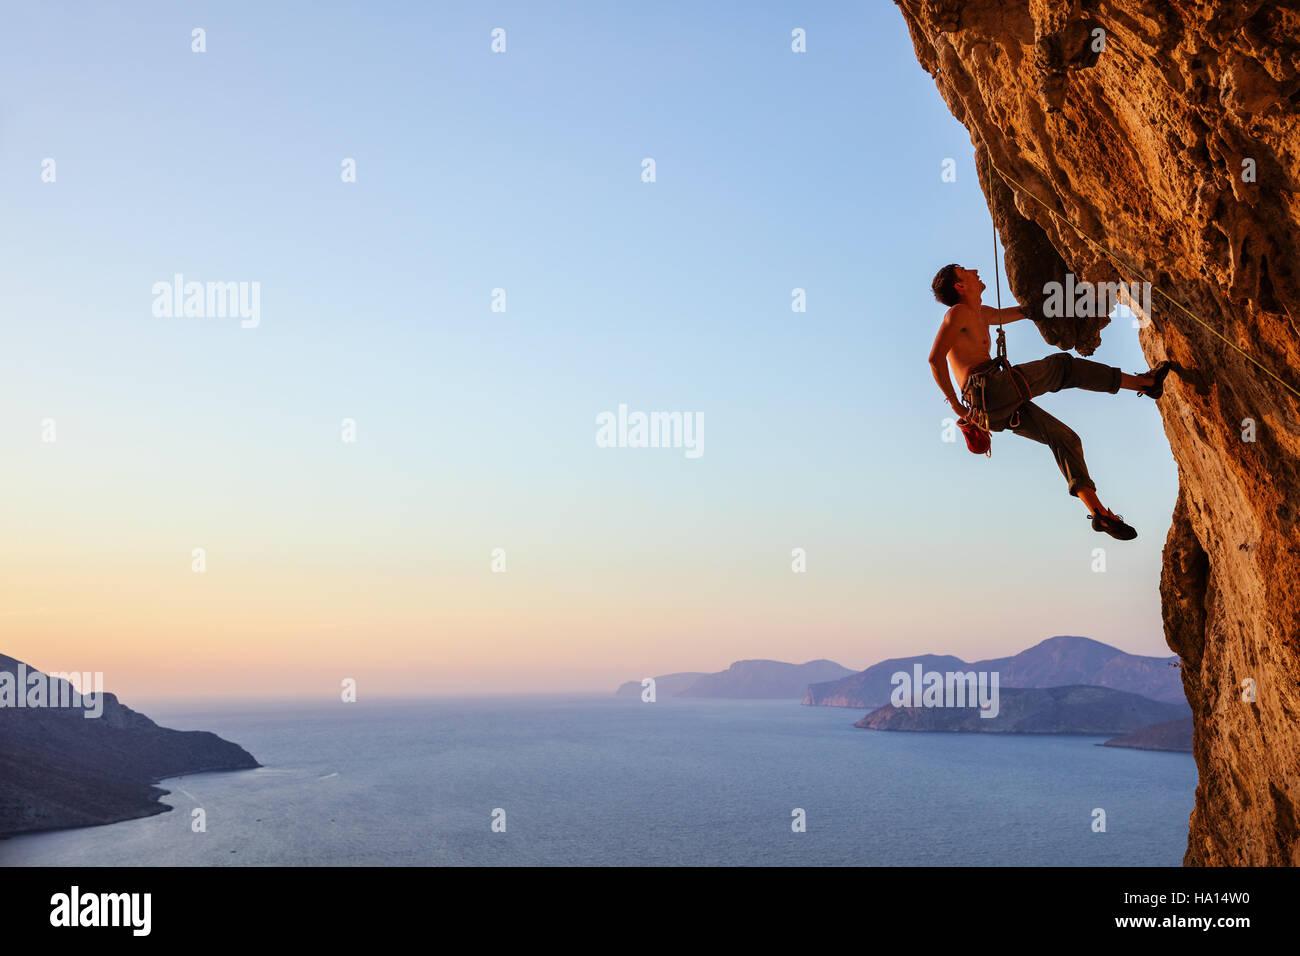 Rock climber resting alors que l'escalade falaise en surplomb Banque D'Images